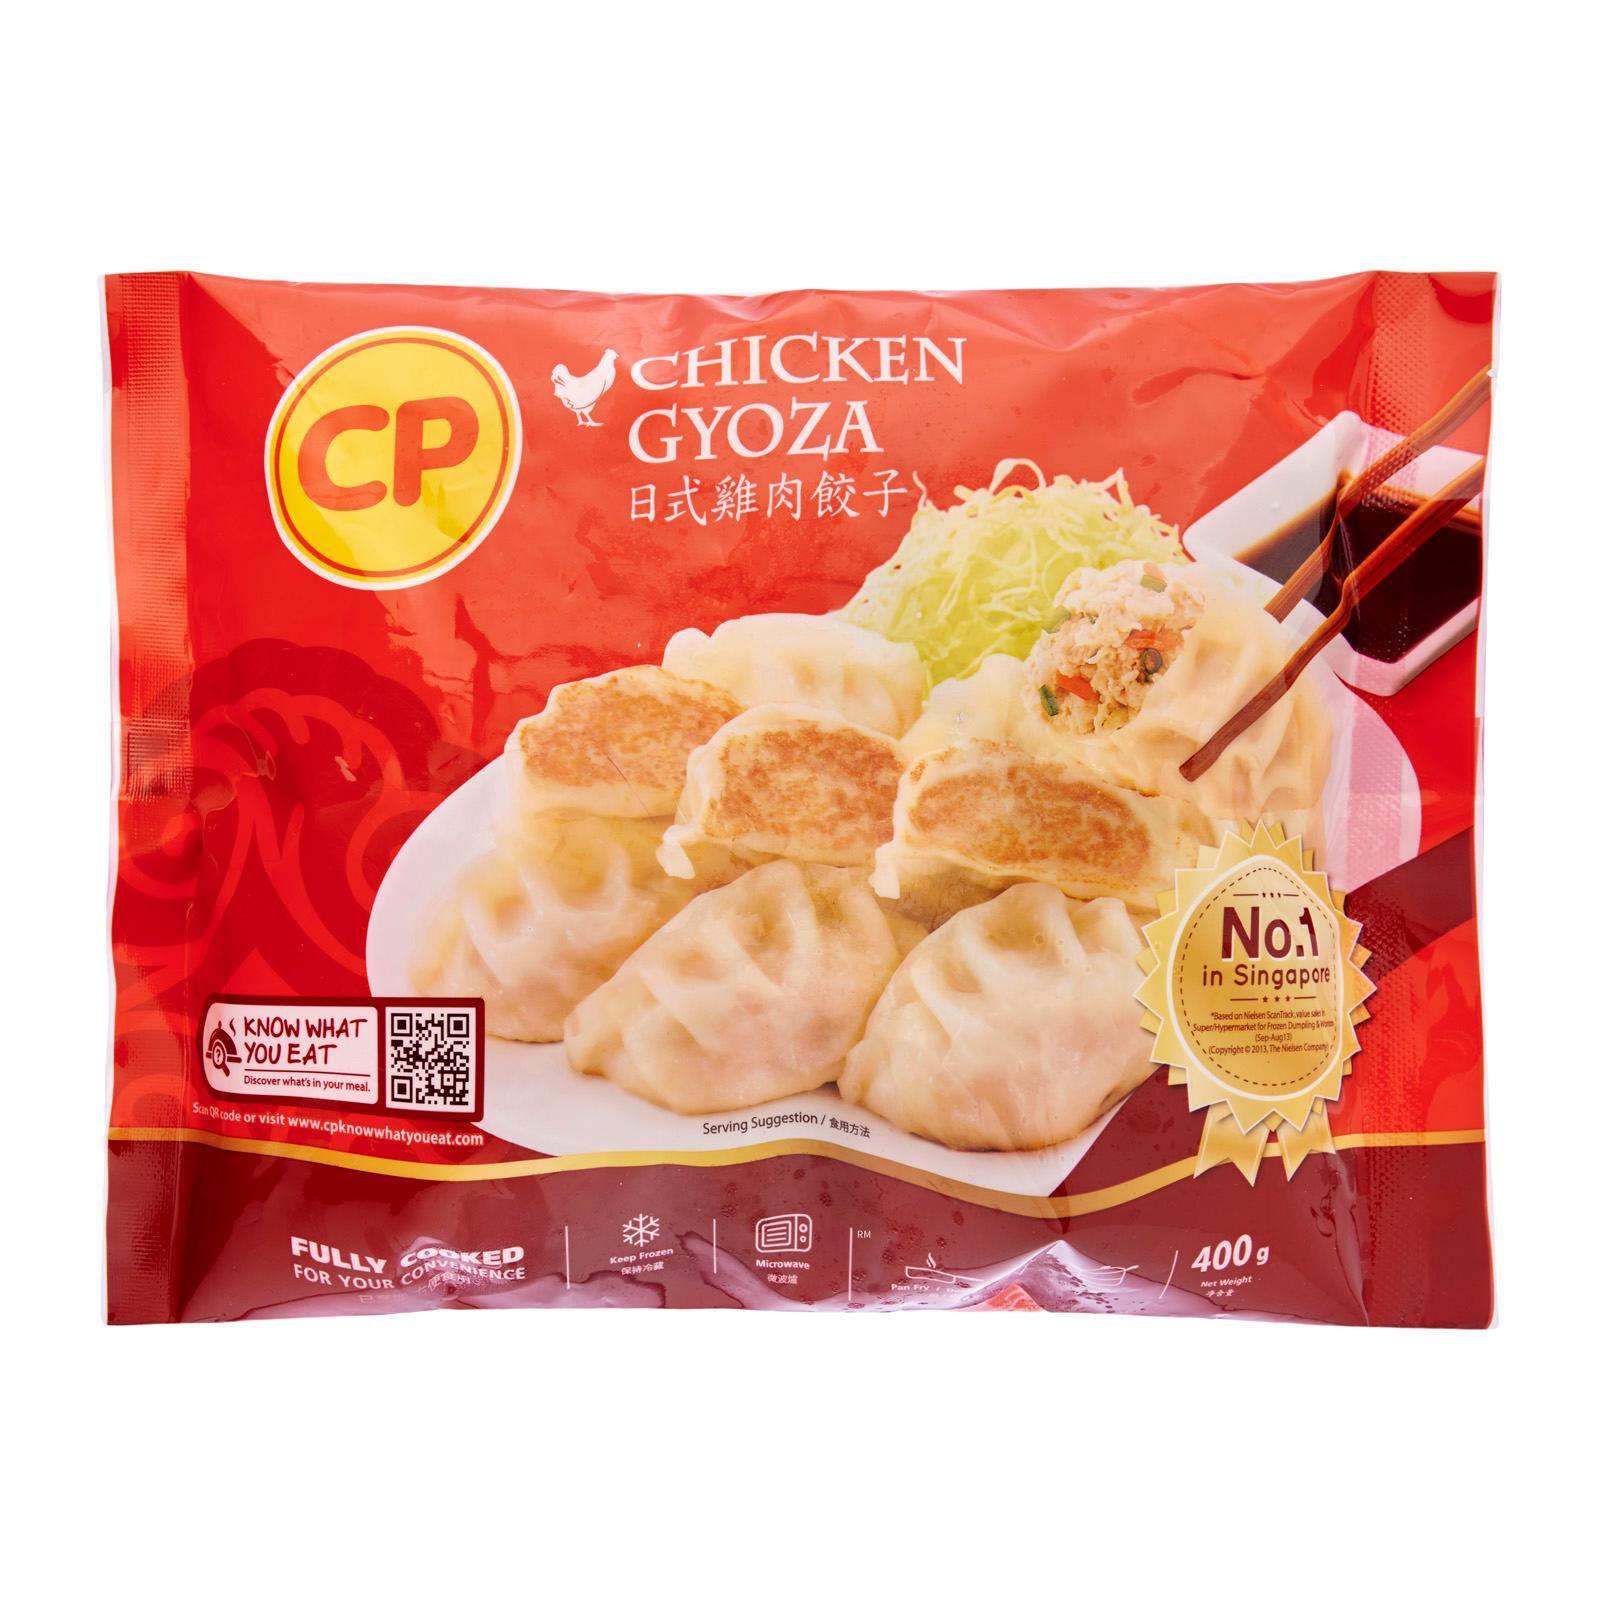 CP Chicken Gyoza - Frozen